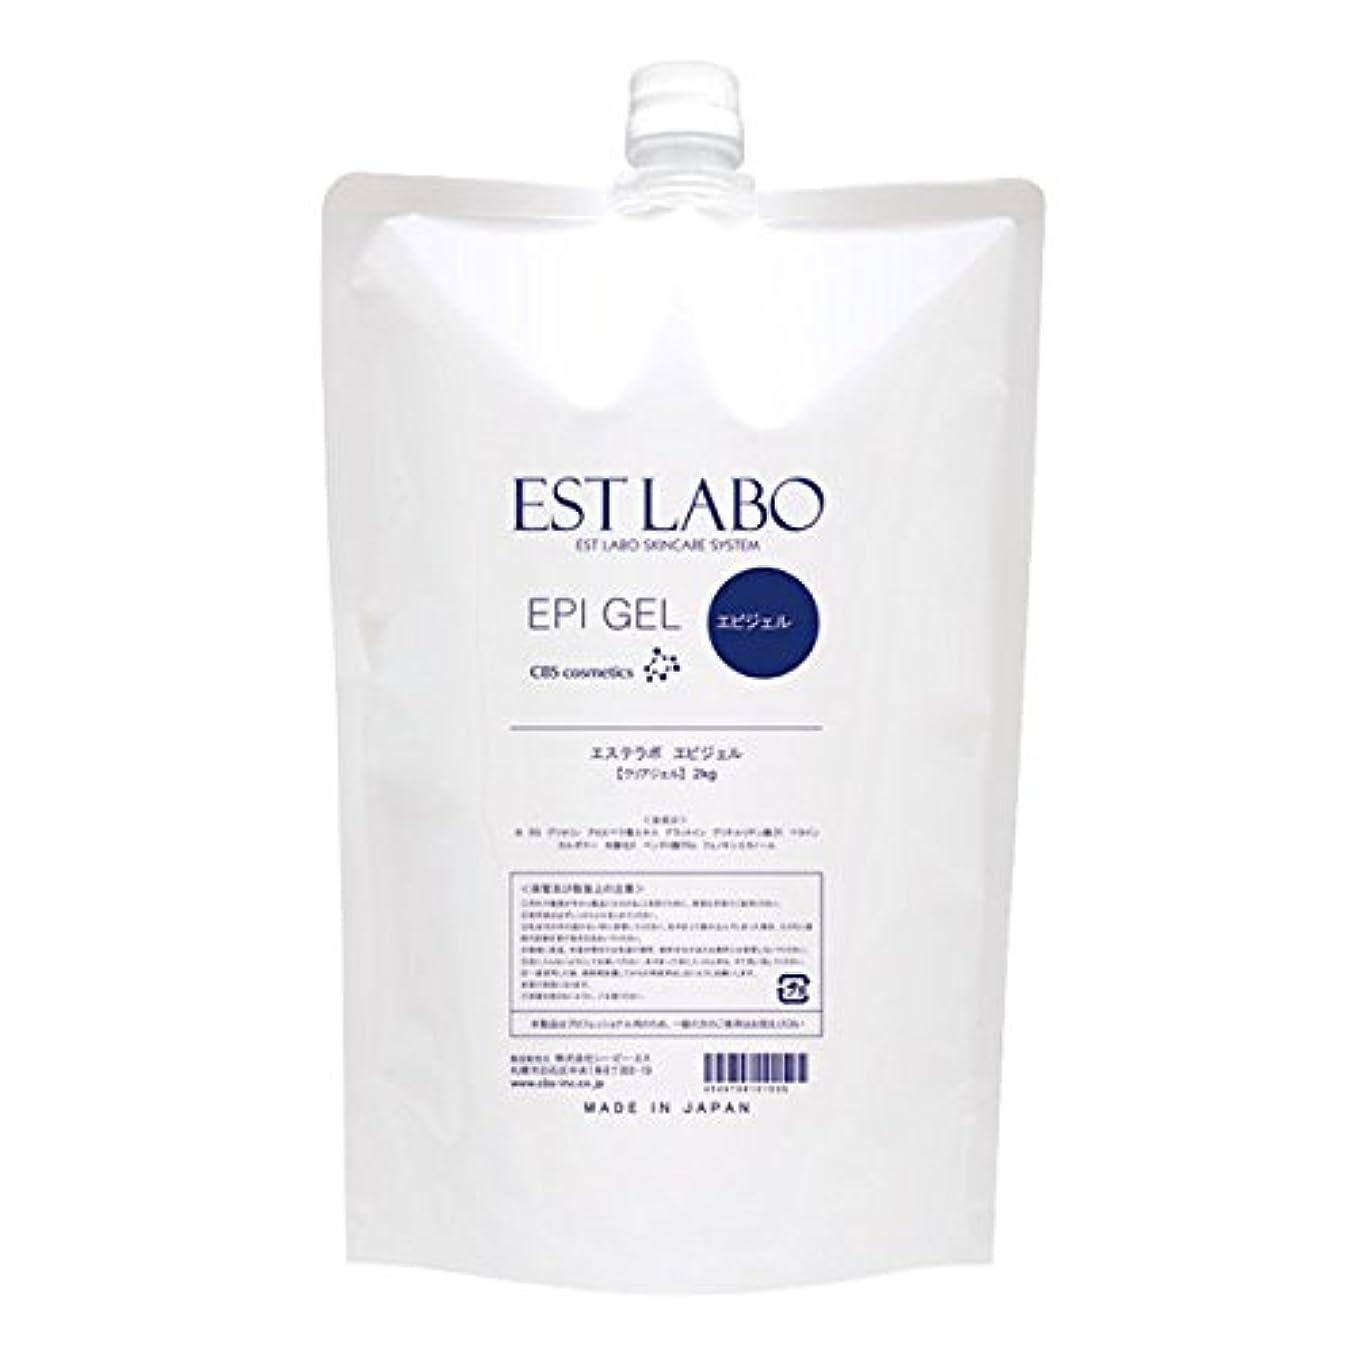 受け入れた着る強制脱毛 EST LABO エピジェル(1袋?2kg)×2 合計2袋?4kg 業務用